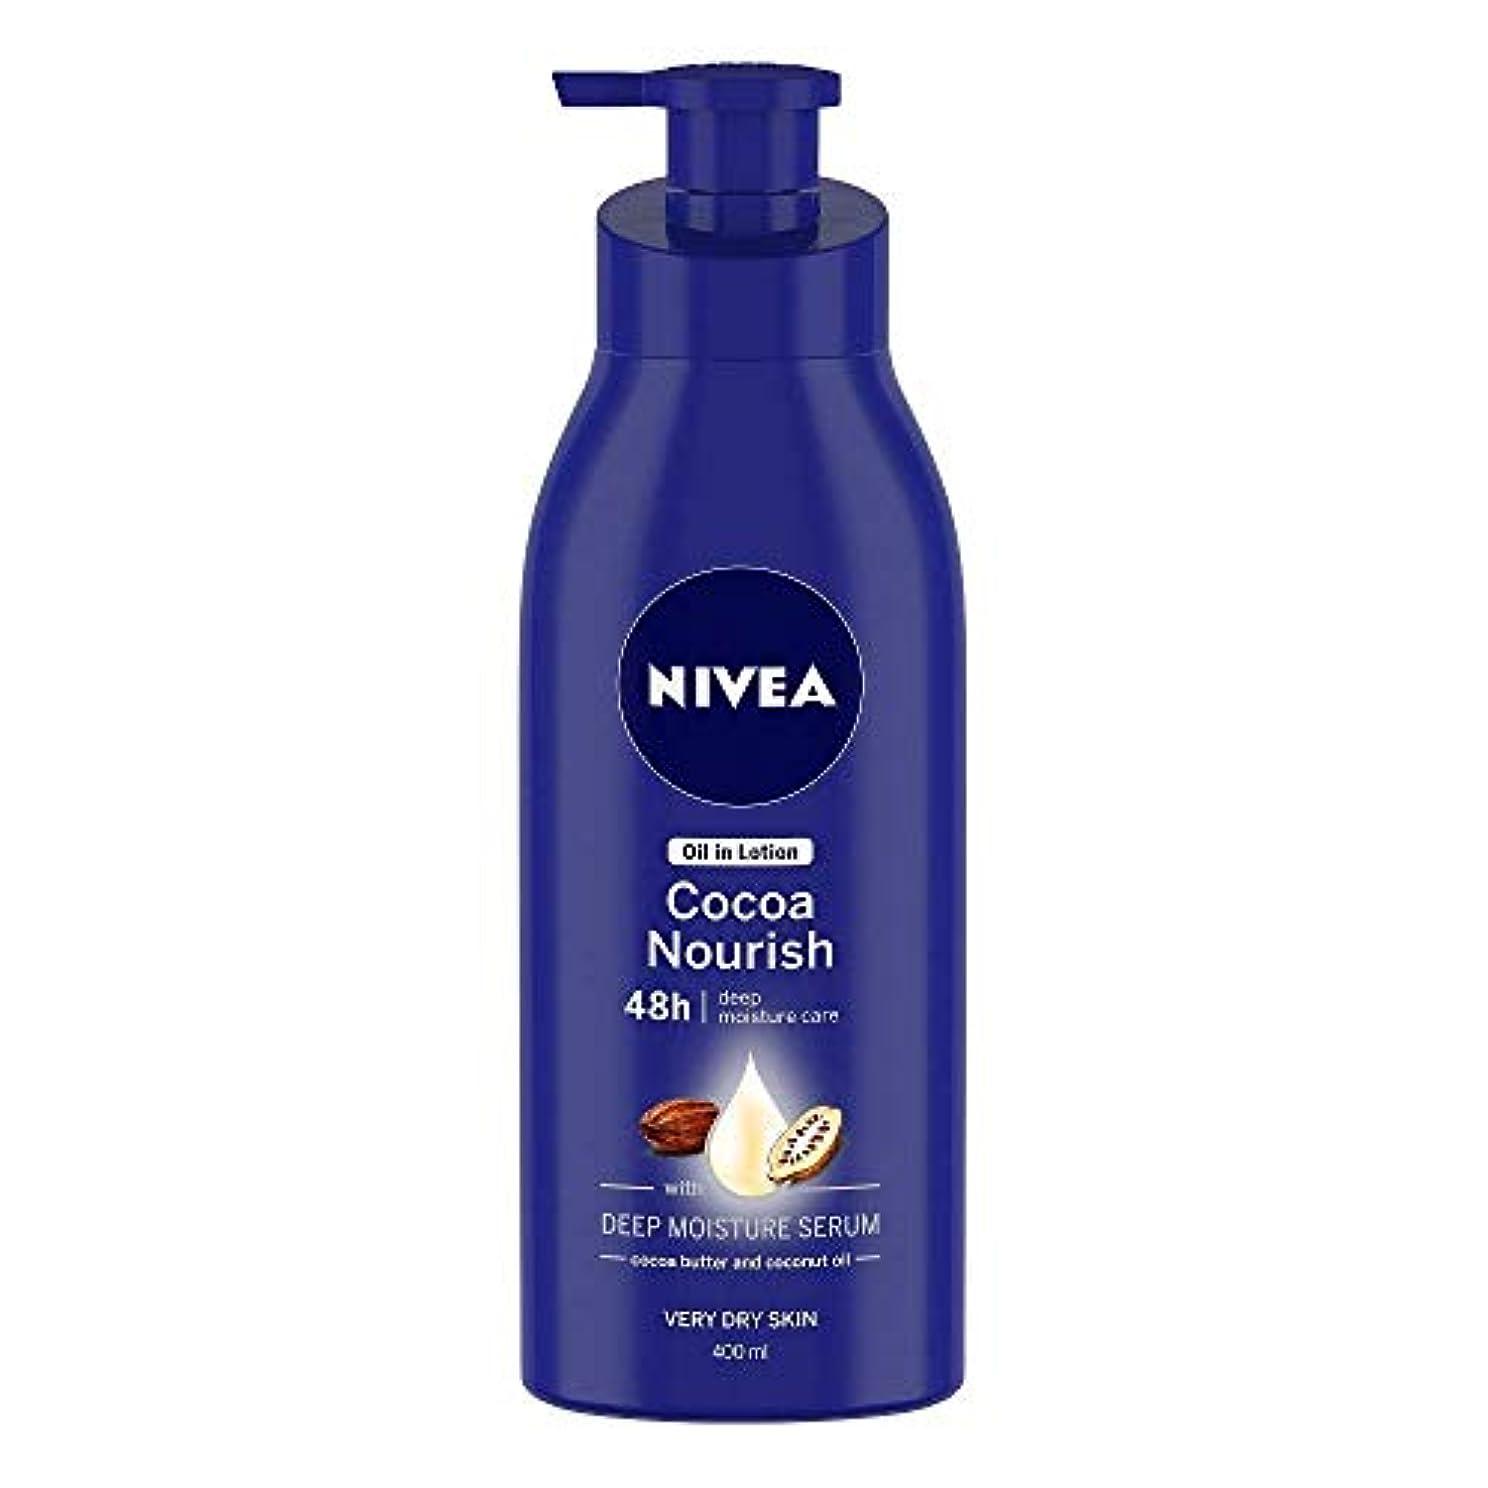 部屋を掃除する平行上院Nivea Oil in Lotion Cocoa Nourish, 400ml